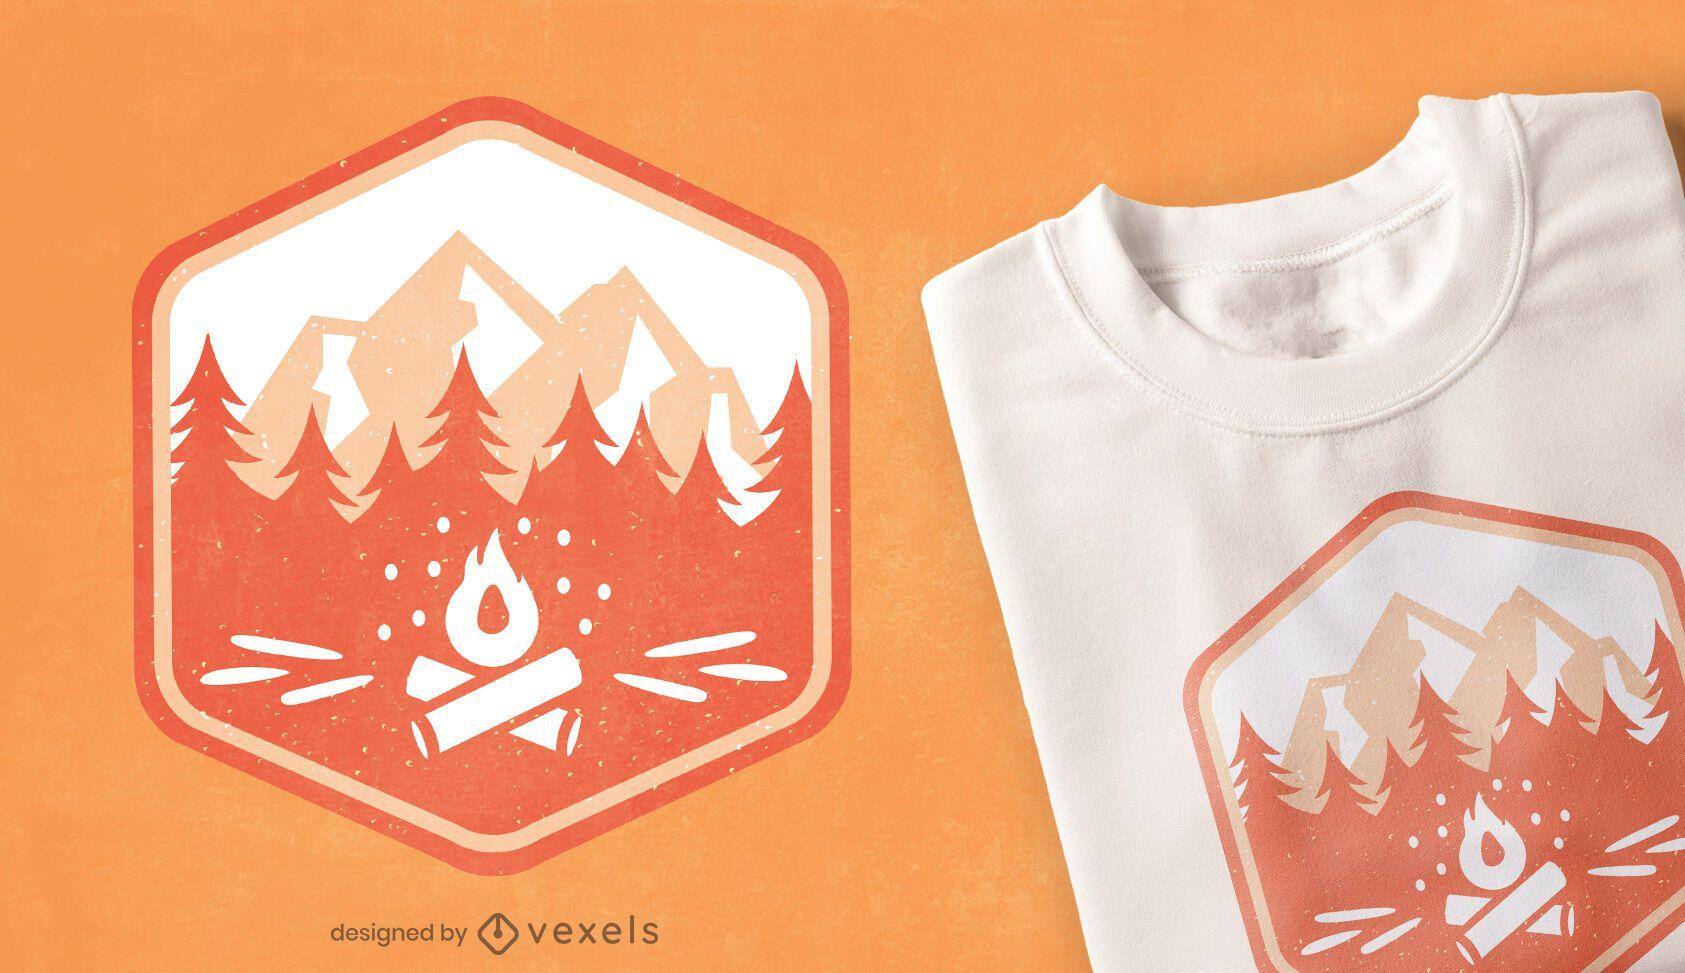 Diseño de camiseta con insignia de camping.